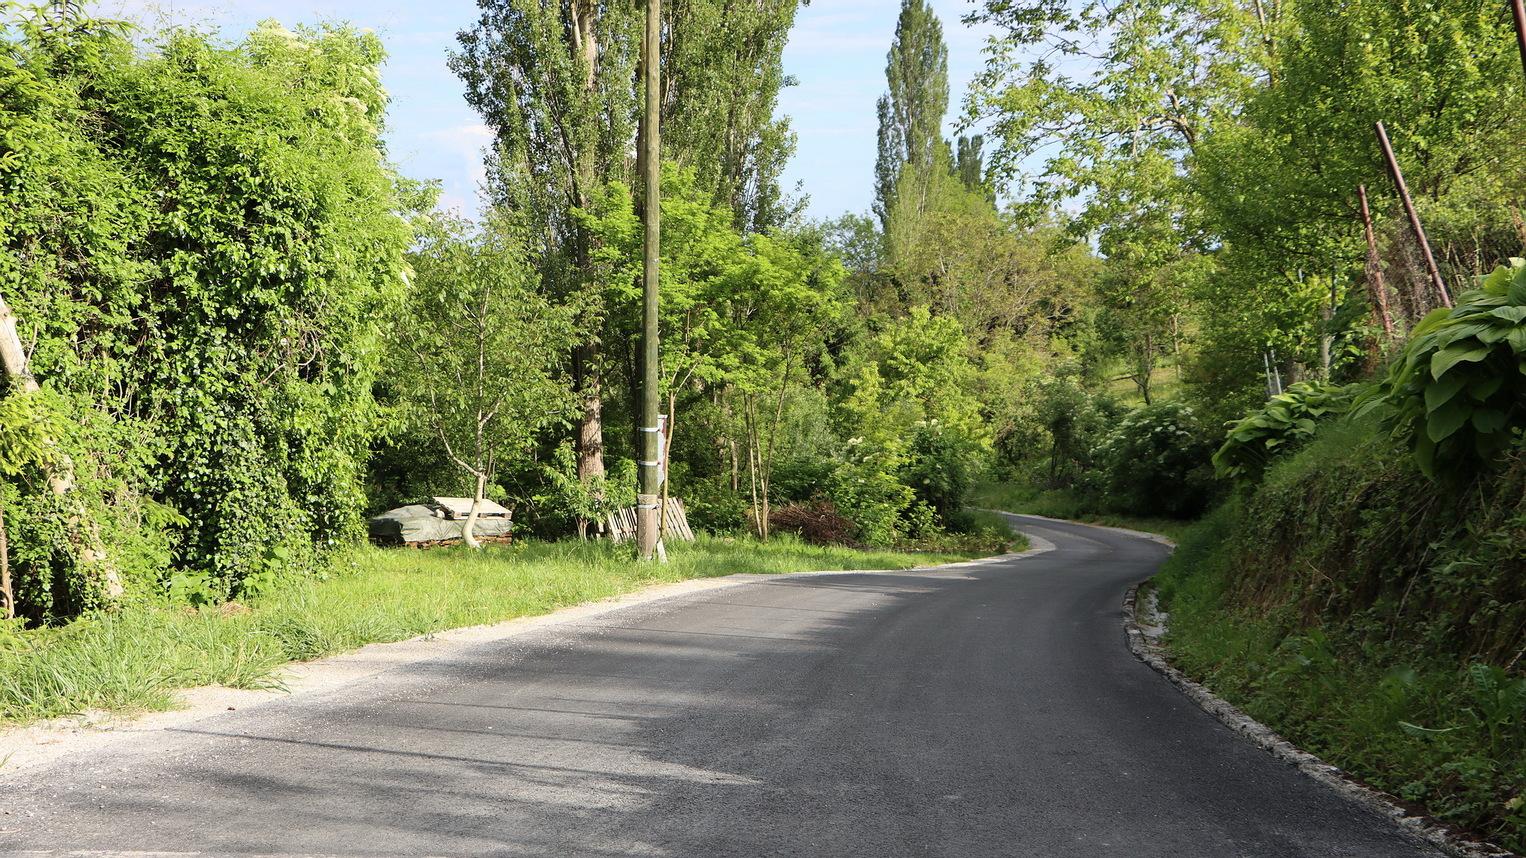 Završili radovi na sanaciji prometnice u naselju Prodin Dol